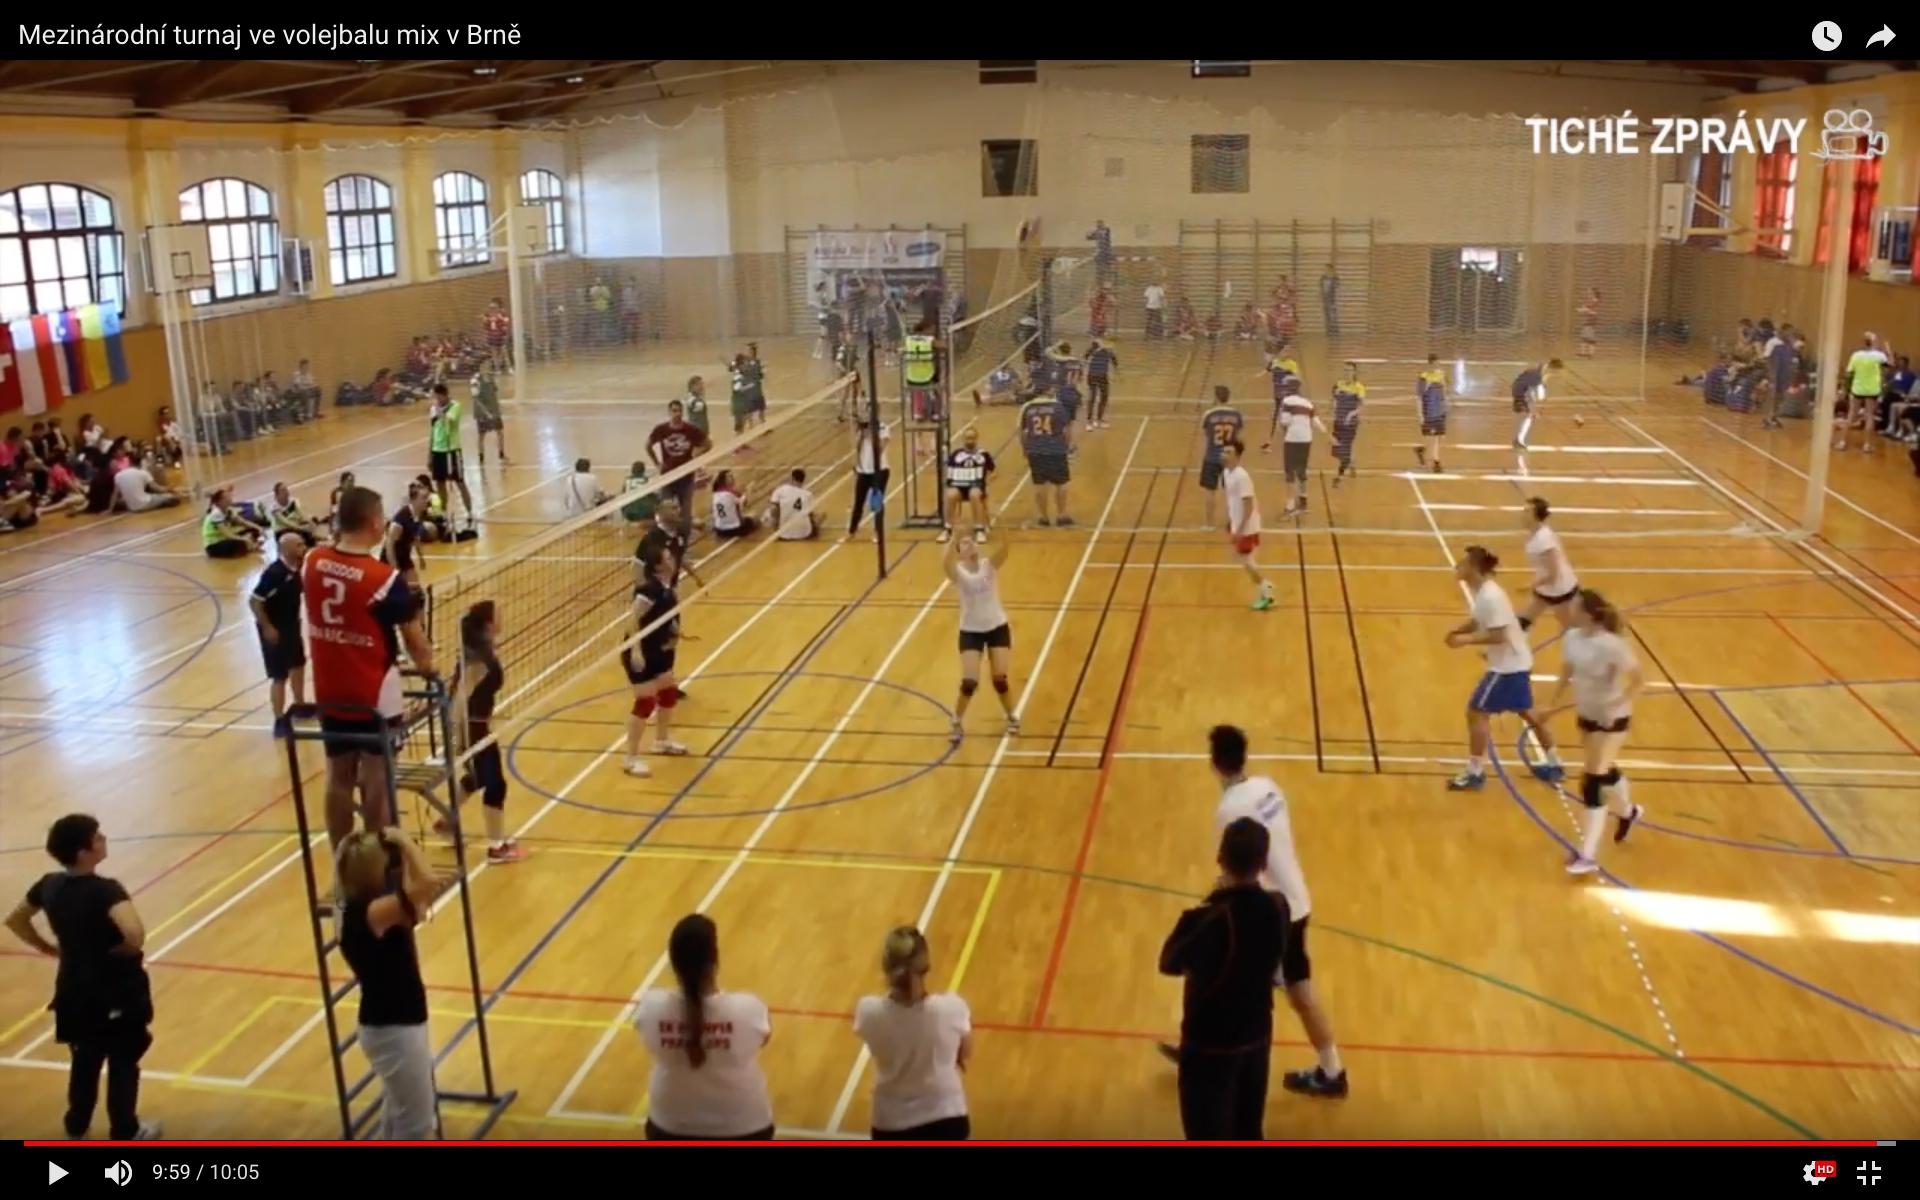 Photo of Mezinárodní turnaj ve volejbalu mix vBrně